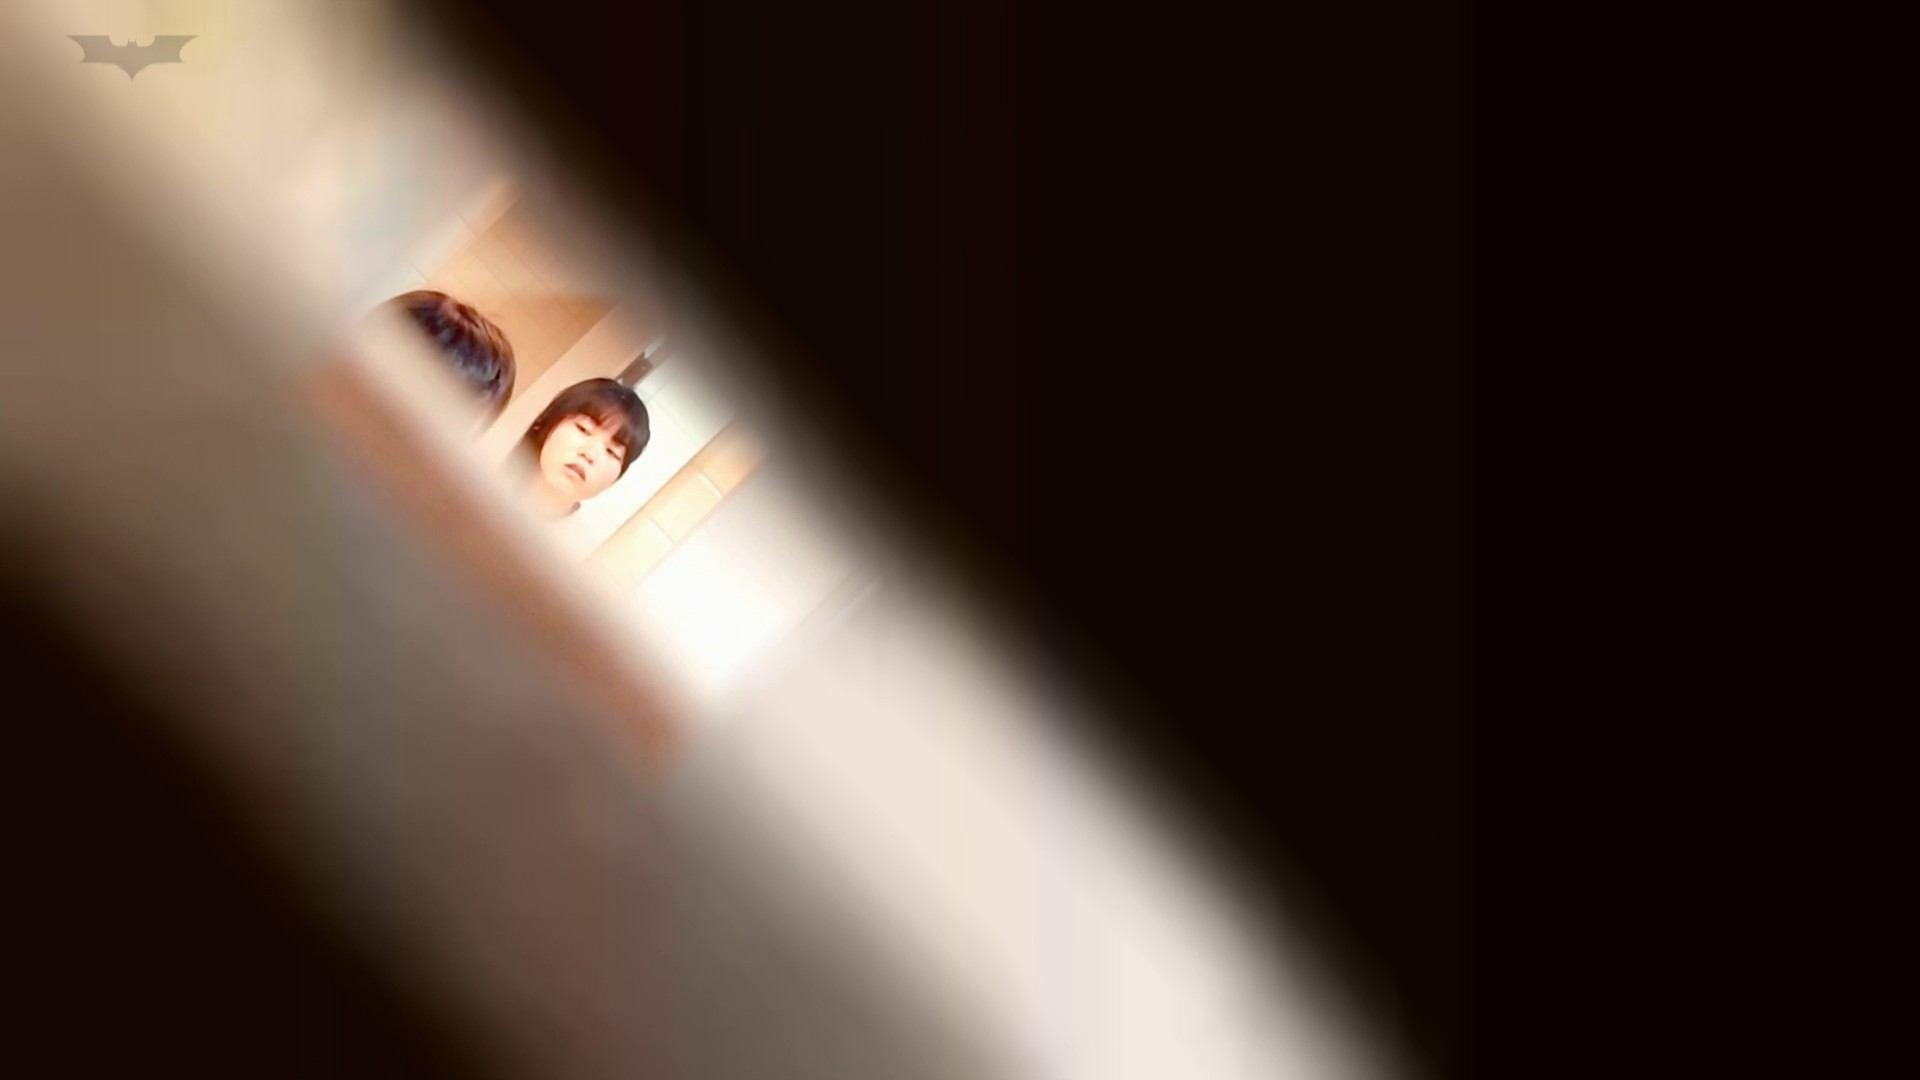 ▲復活限定D▲第三体育館潜入撮File018 夏帆に激似現役の未開発の下を 高画質 おめこ無修正動画無料 88画像 19